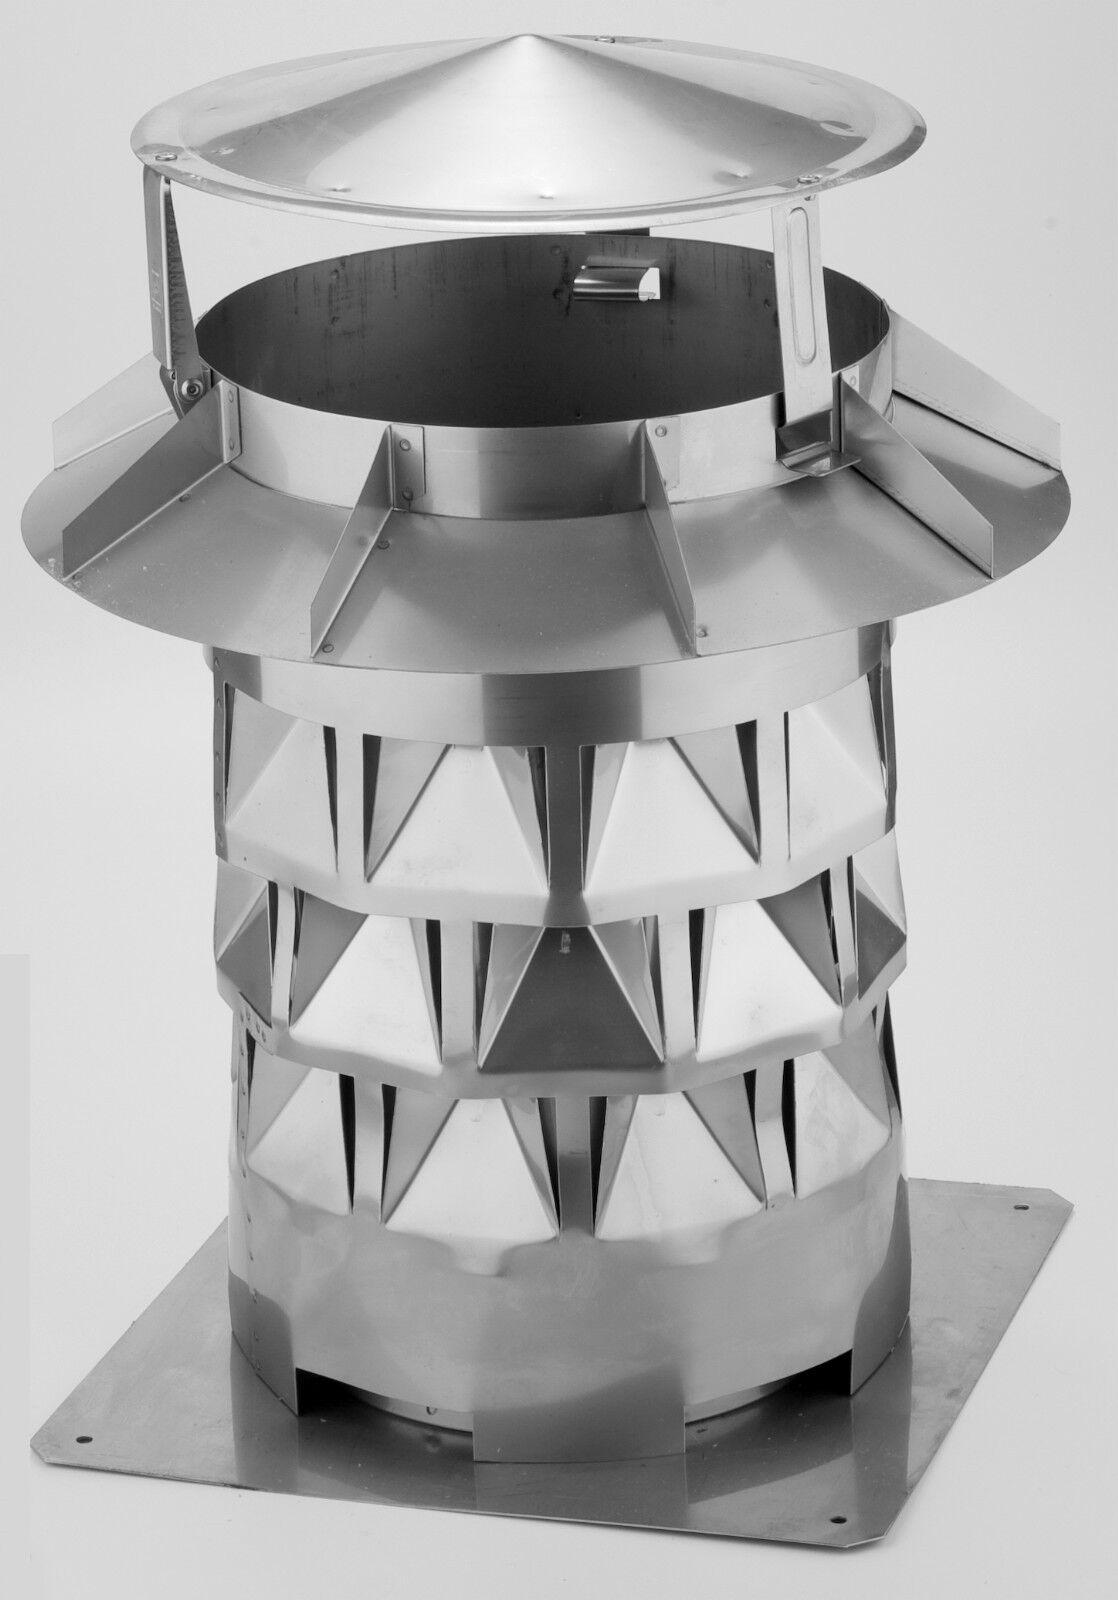 Kaminaufsatz WINDKAT mit Grundplatte - Ø 200 mm Das Original mit TÜV-Zertifikat